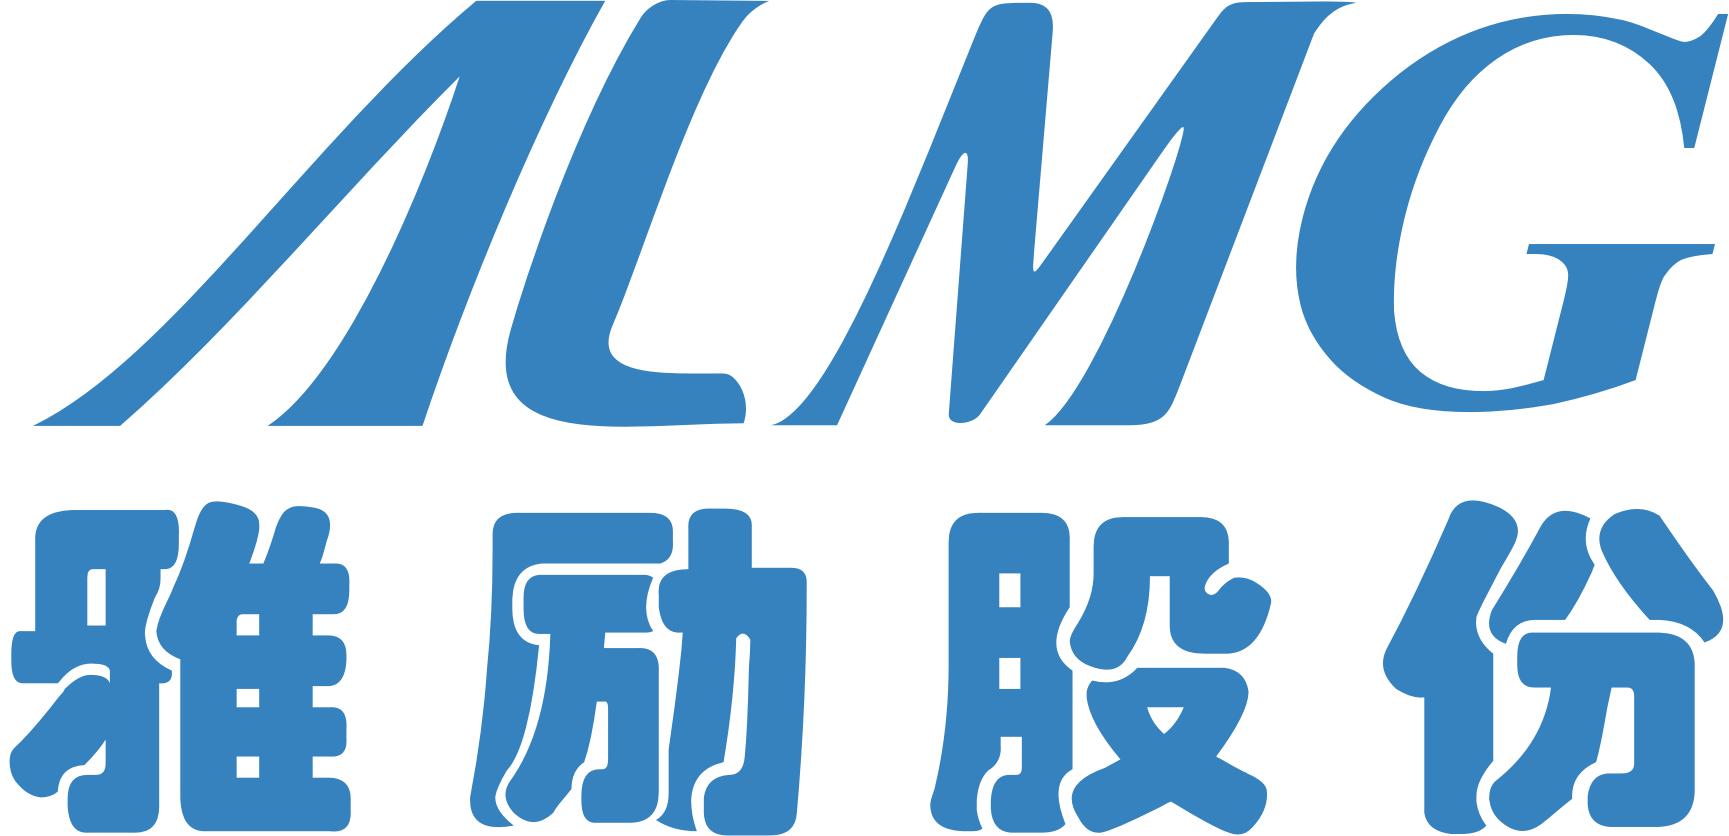 廣東雅勵新材料股份有限公司